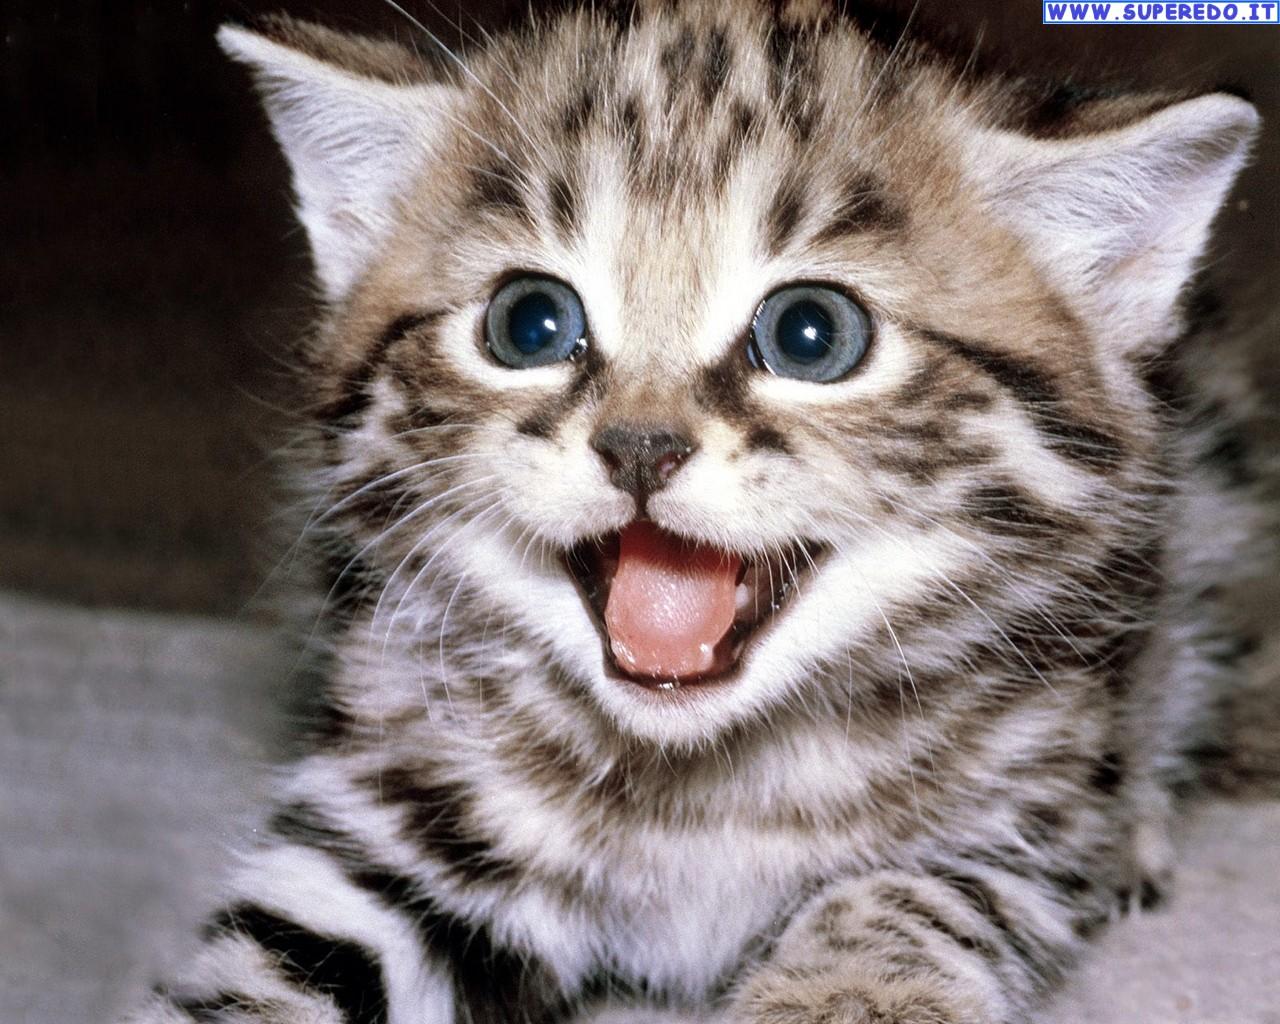 Amato cerco un cucciolo di gatto ! | Petpassion MX18